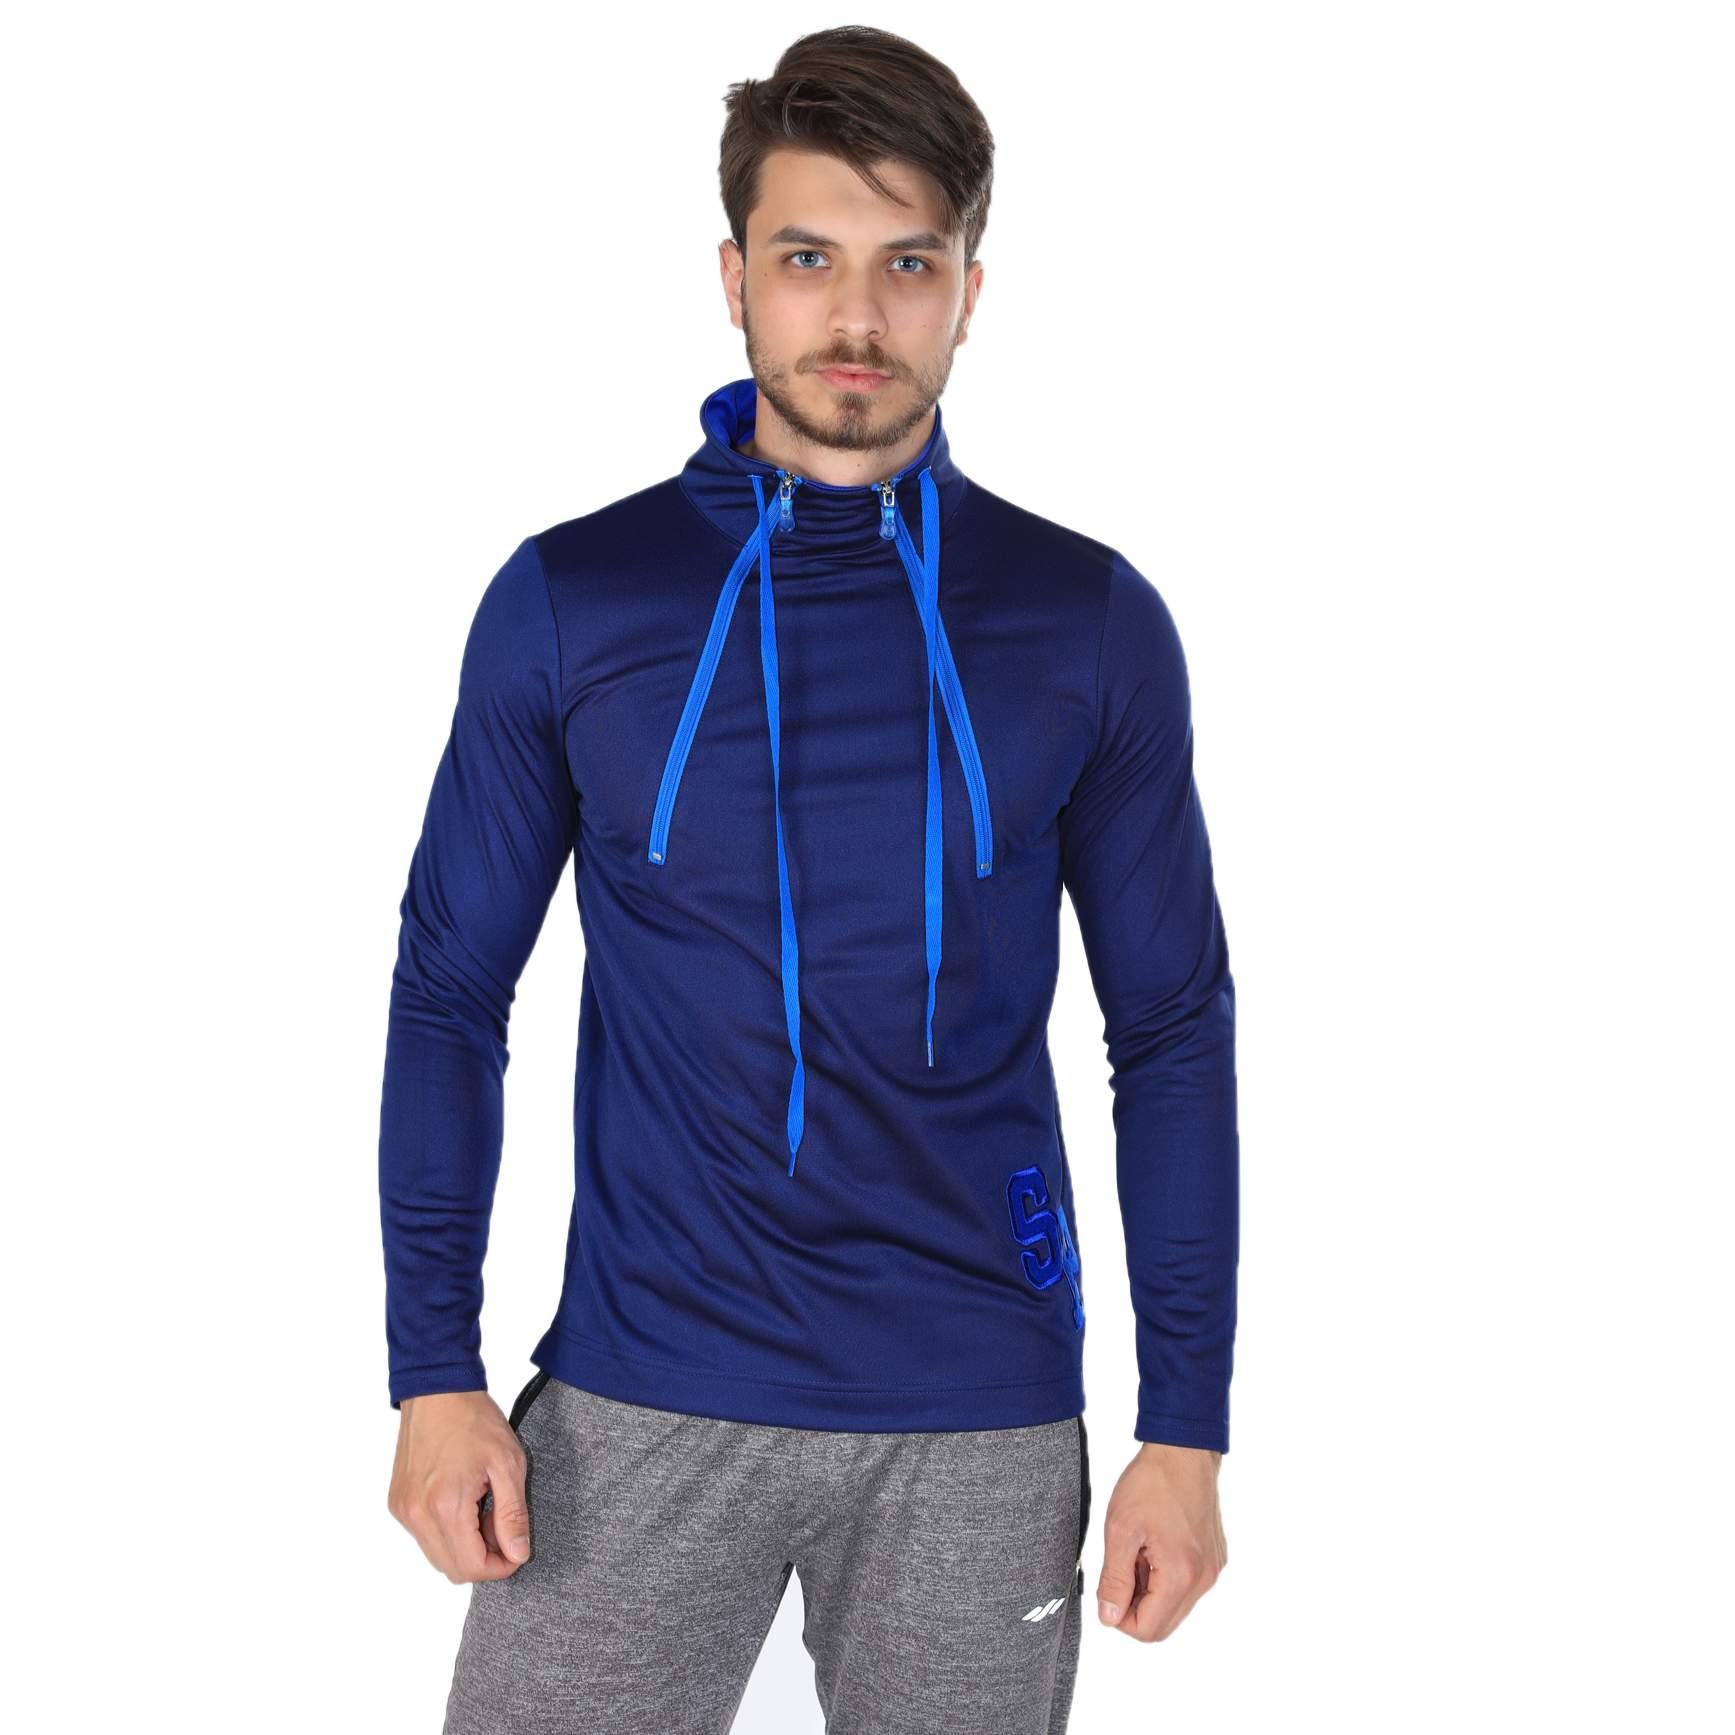 Sportive Erkek Yarım Fermuarlu Mavi - Kırmızı Sweatshirt